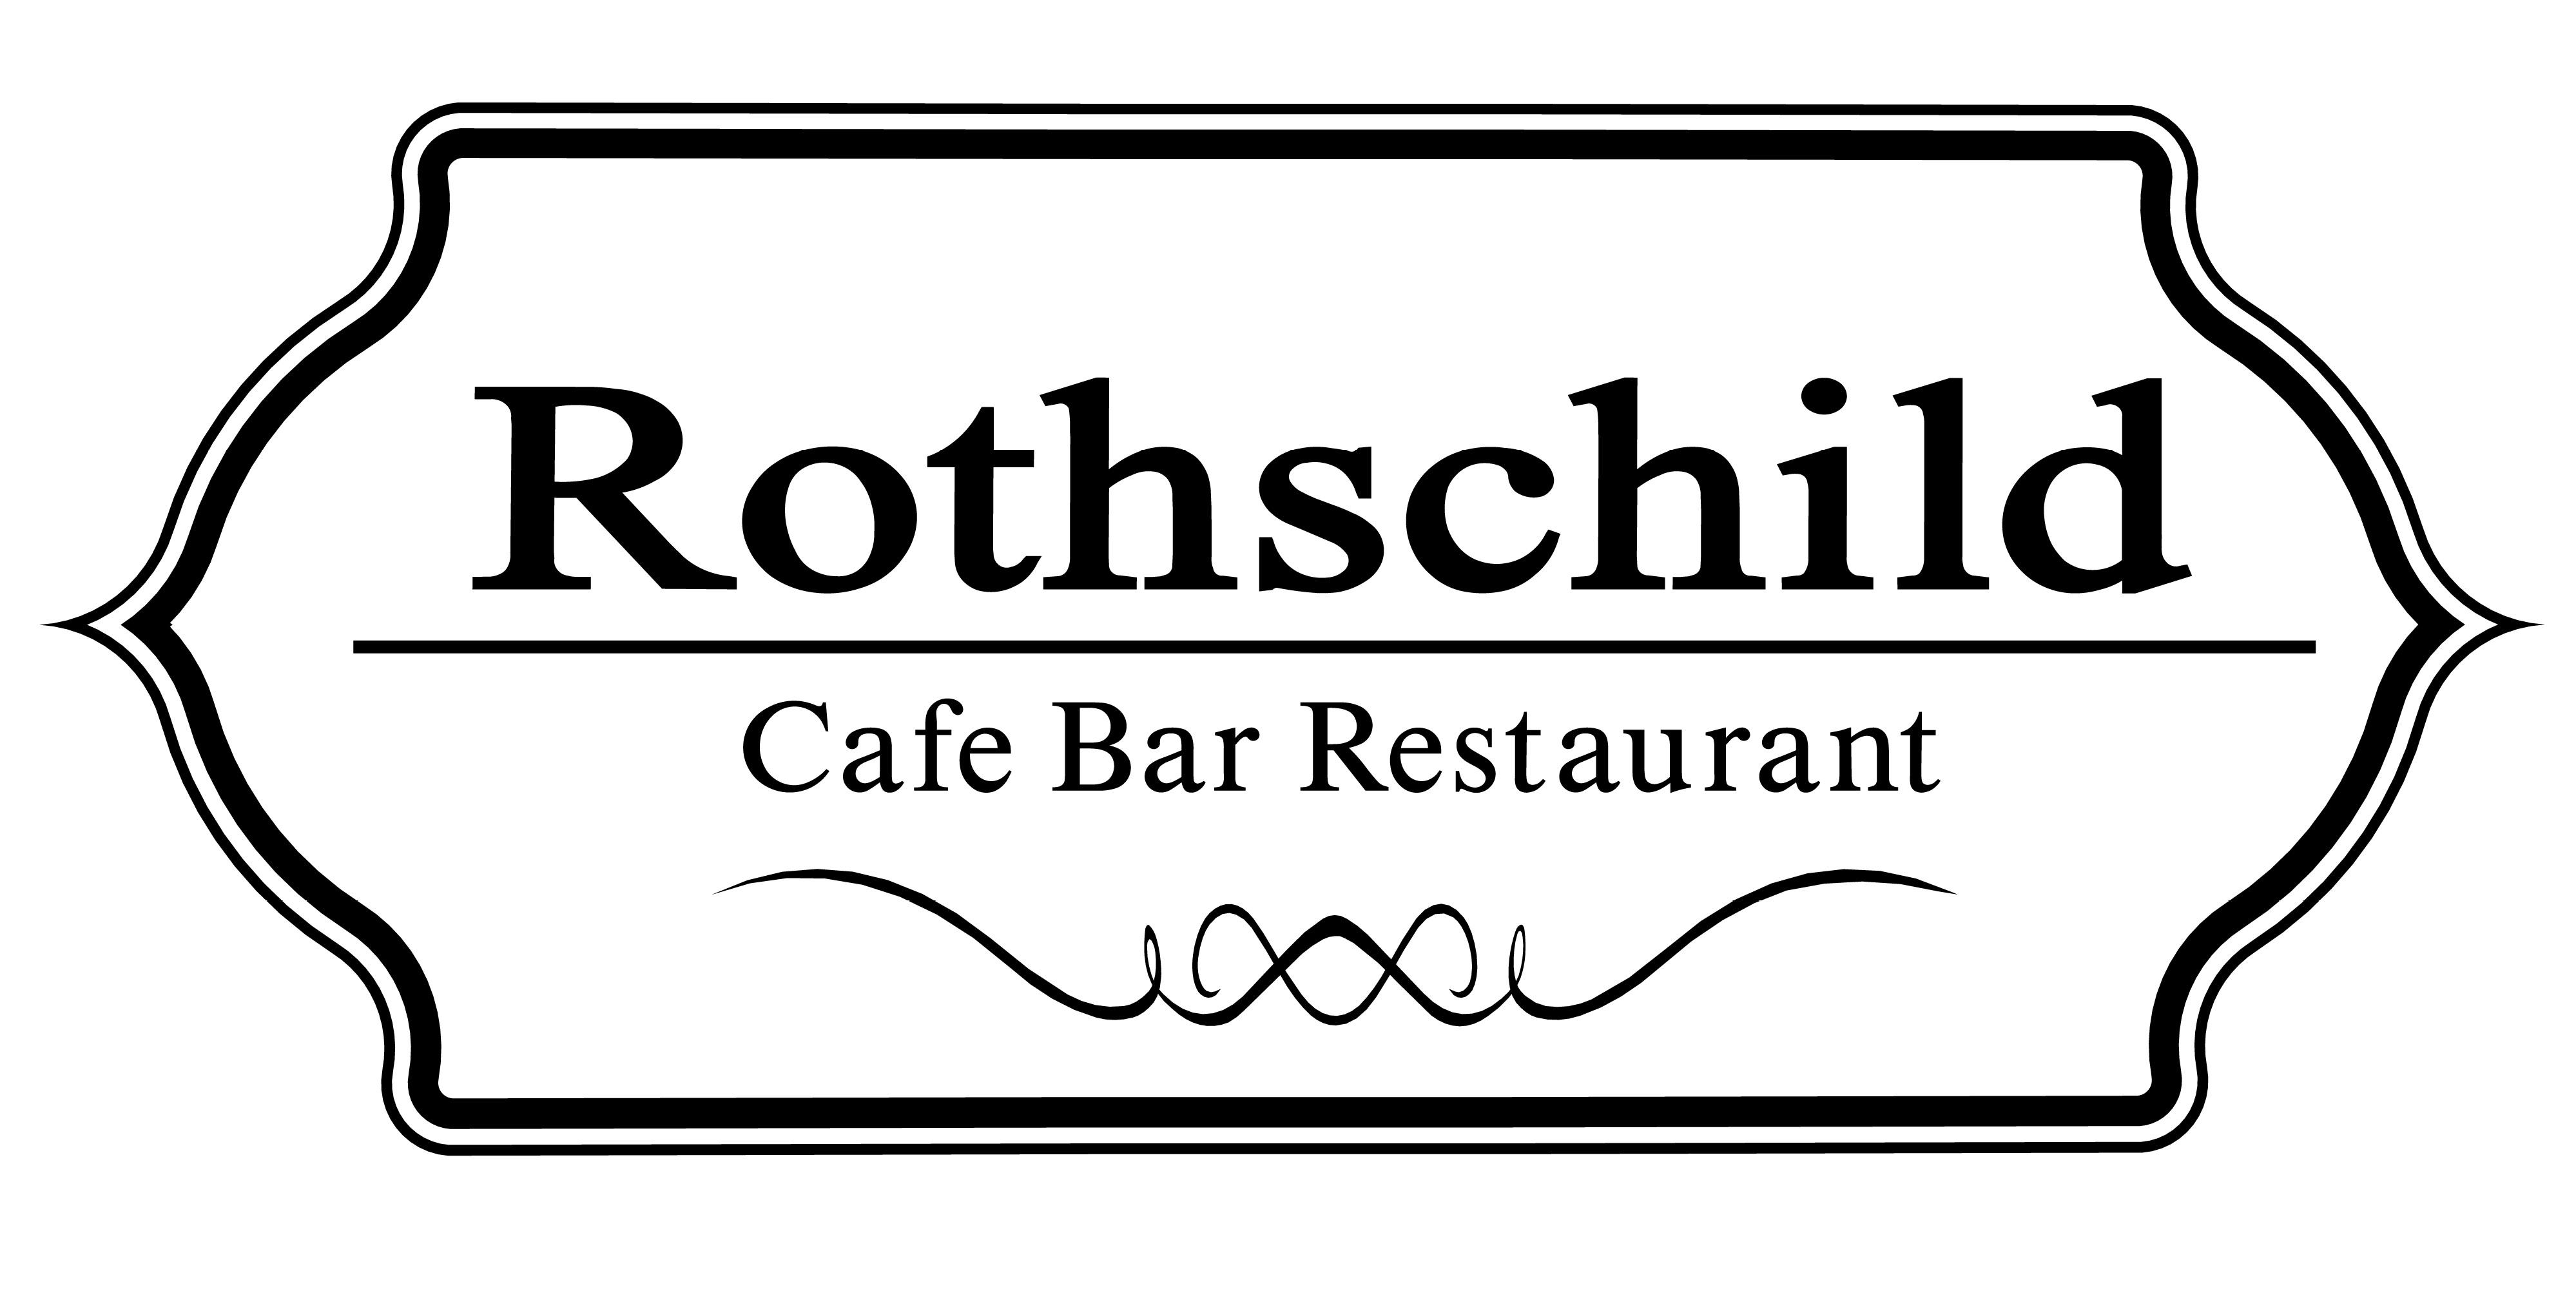 זכיינות רשת קפה רוטשילד, זכיינות ברשת בתי קפה מצליחה - זכיינות זה אנחנו